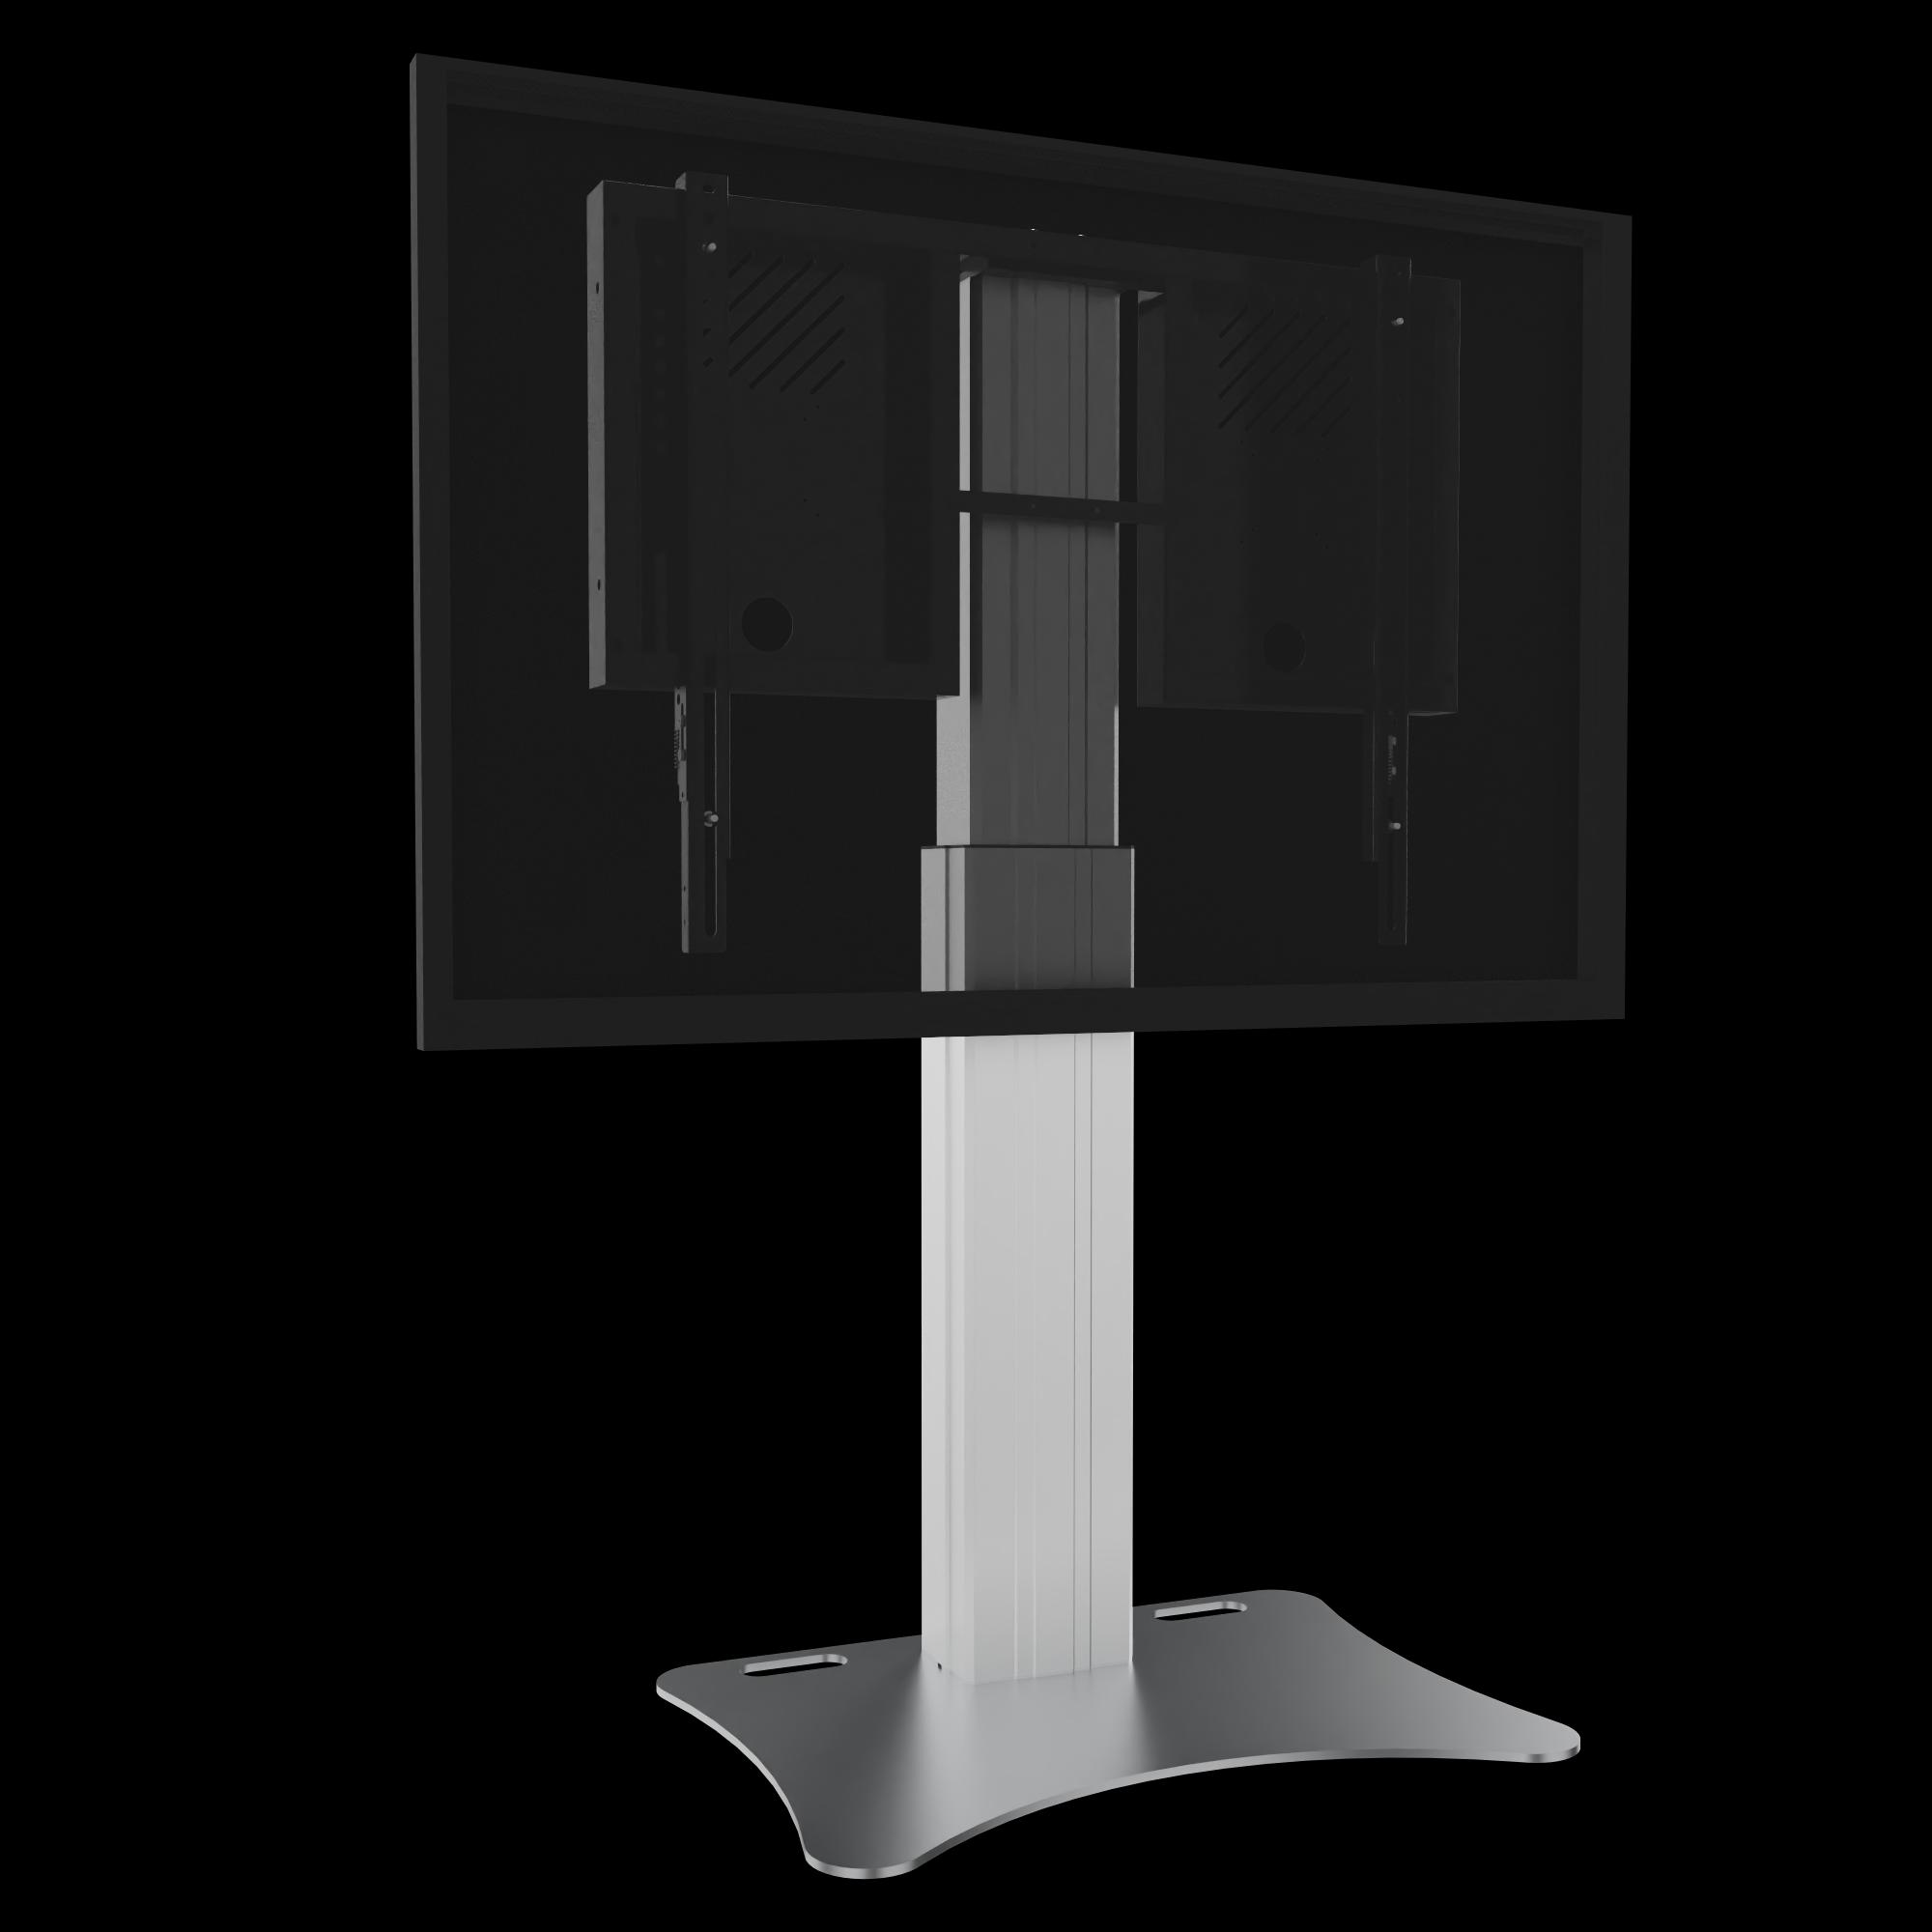 celexon Expert elektrisch höhenverstellbarer Display-Ständer Adjust-4275PS - 50cm